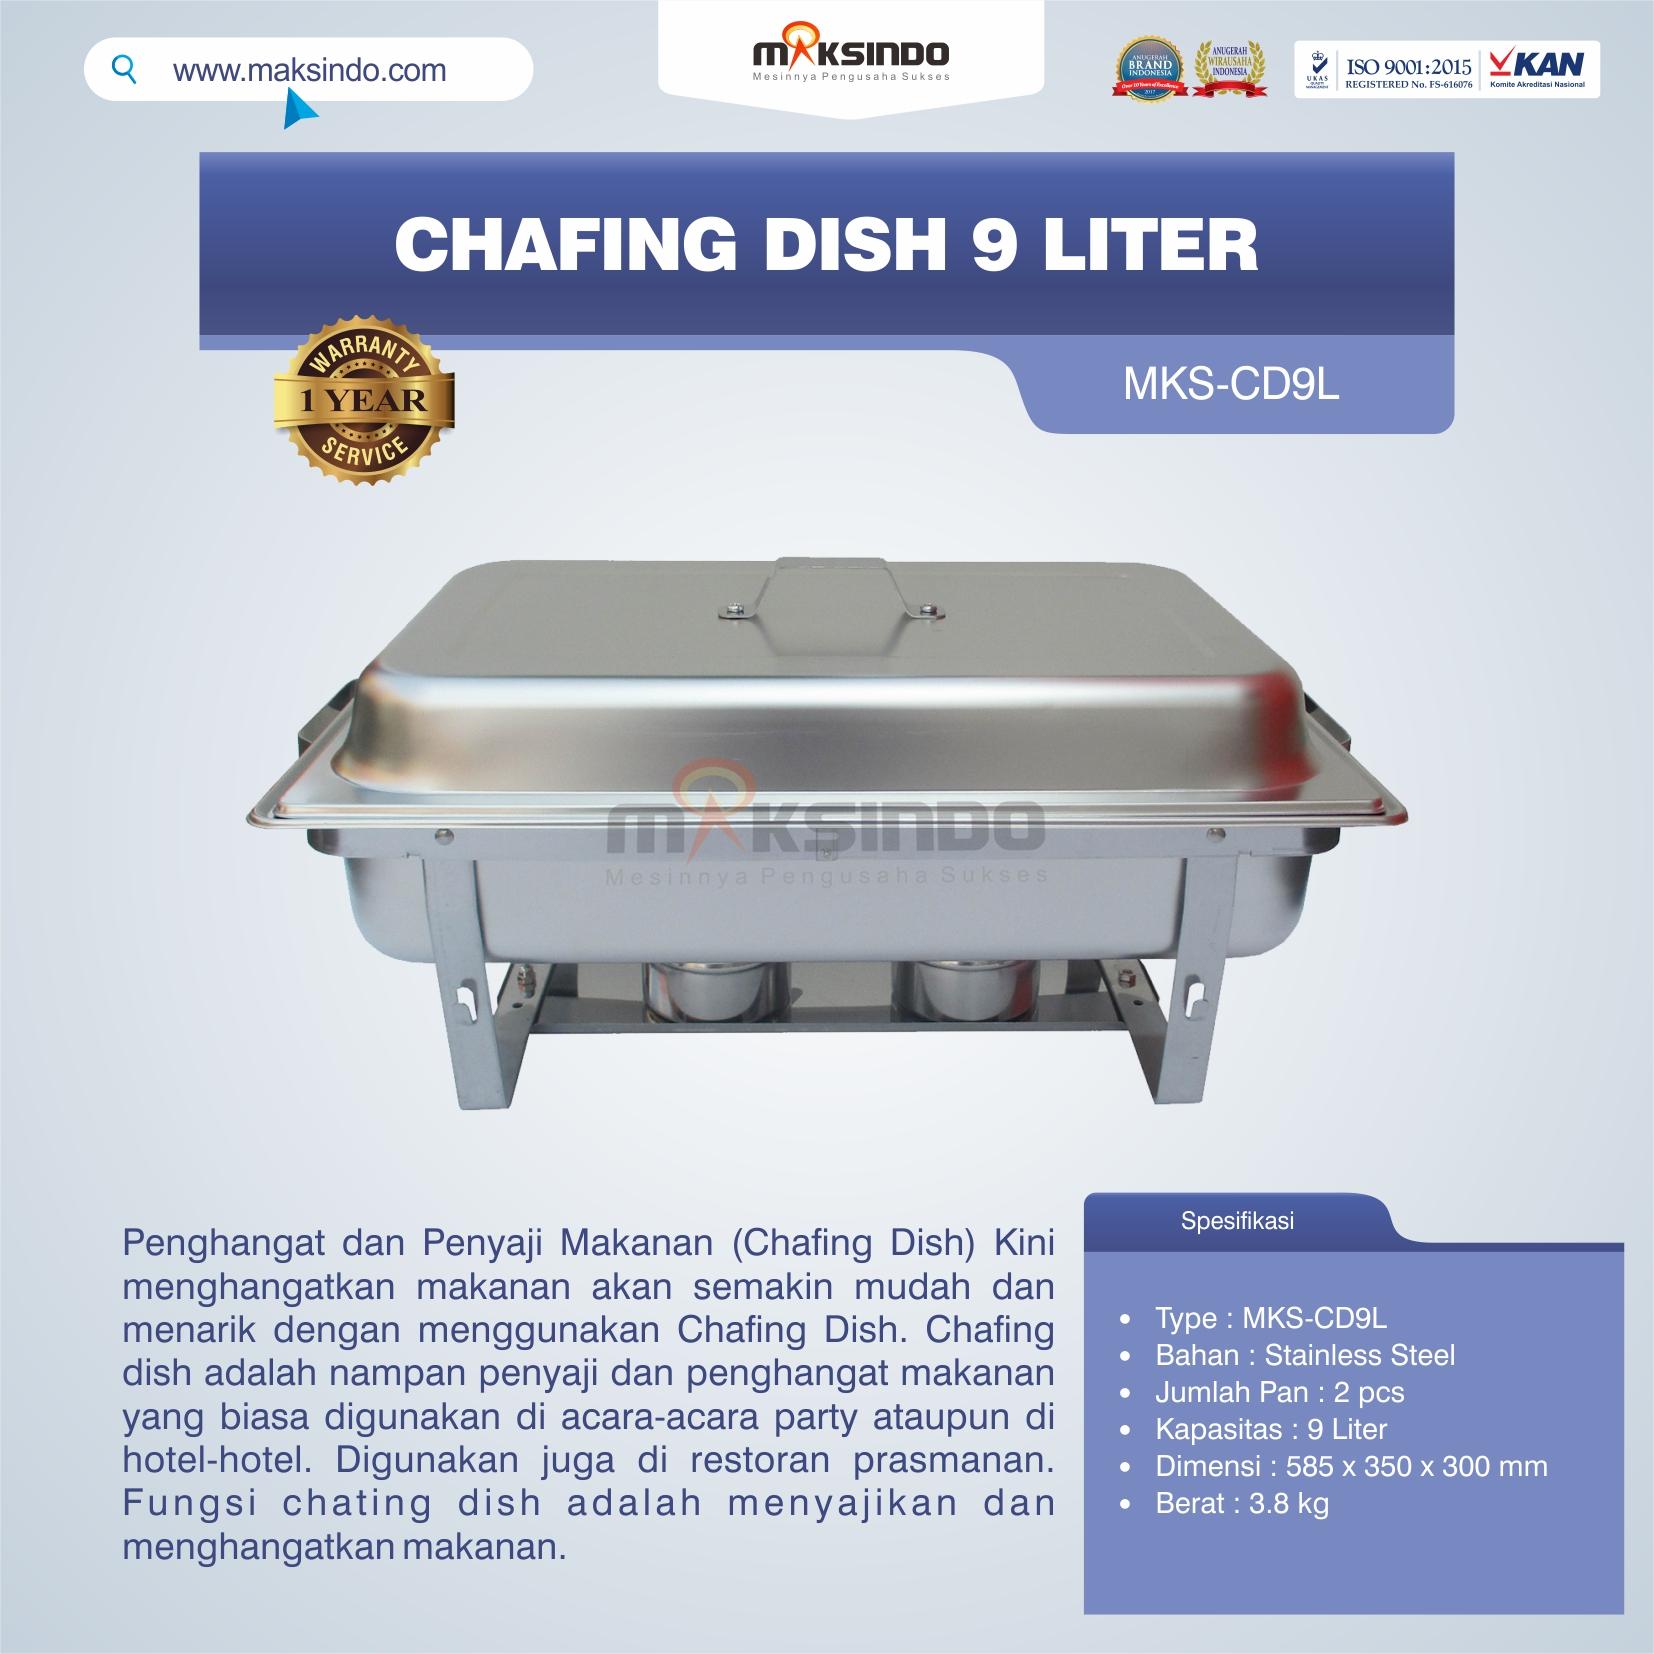 Jual Chafing Dish 9 Liter di Tangerang